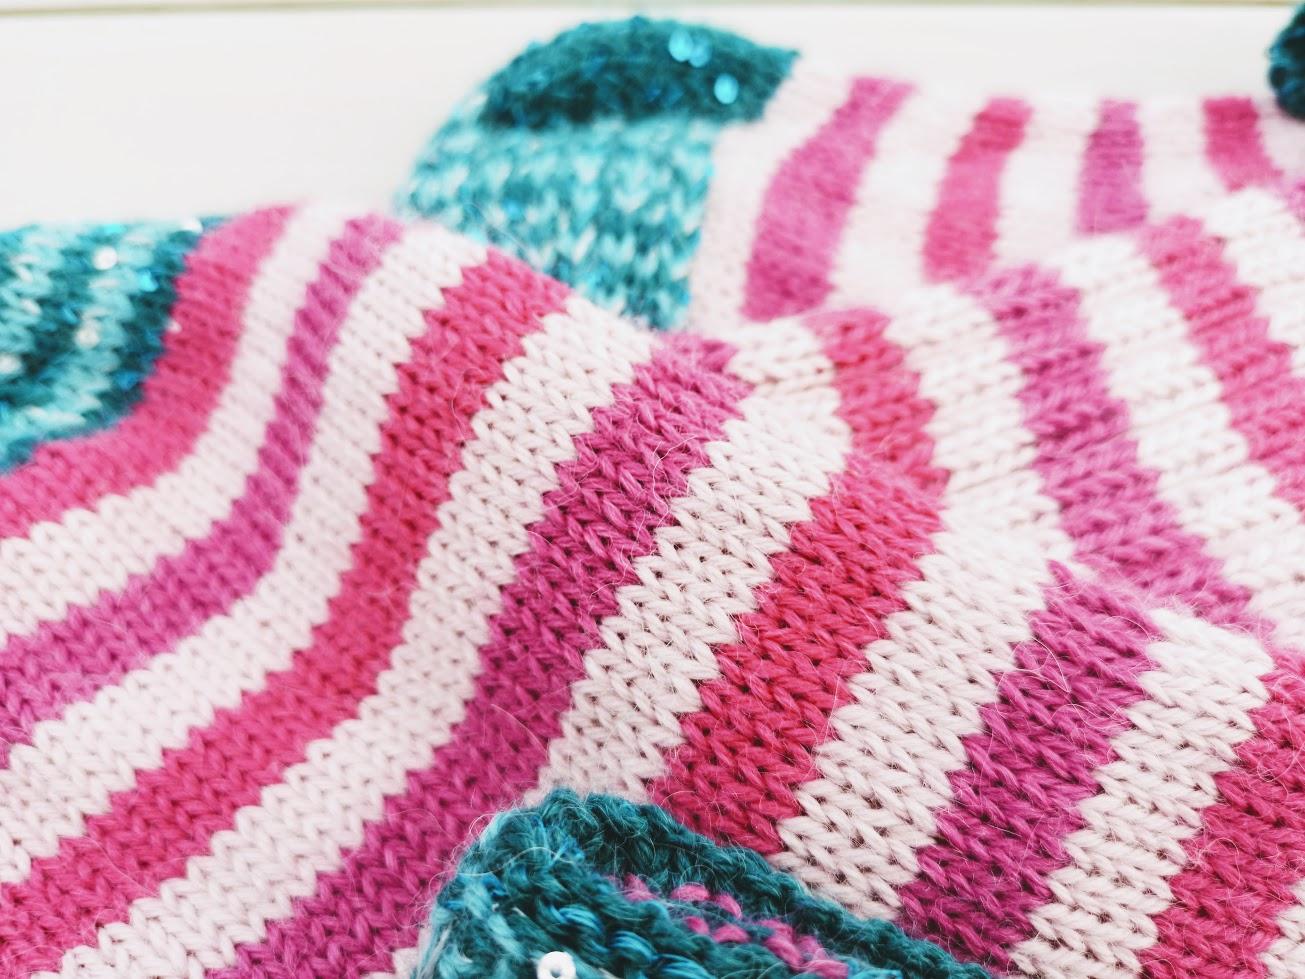 a8ab9051 Ta et minutt eller 2….SE & NYT! Sjekk DEN deilige sokken! Sååå glatt og  fin, men likevel så full av spenst og struktur! Trikset??